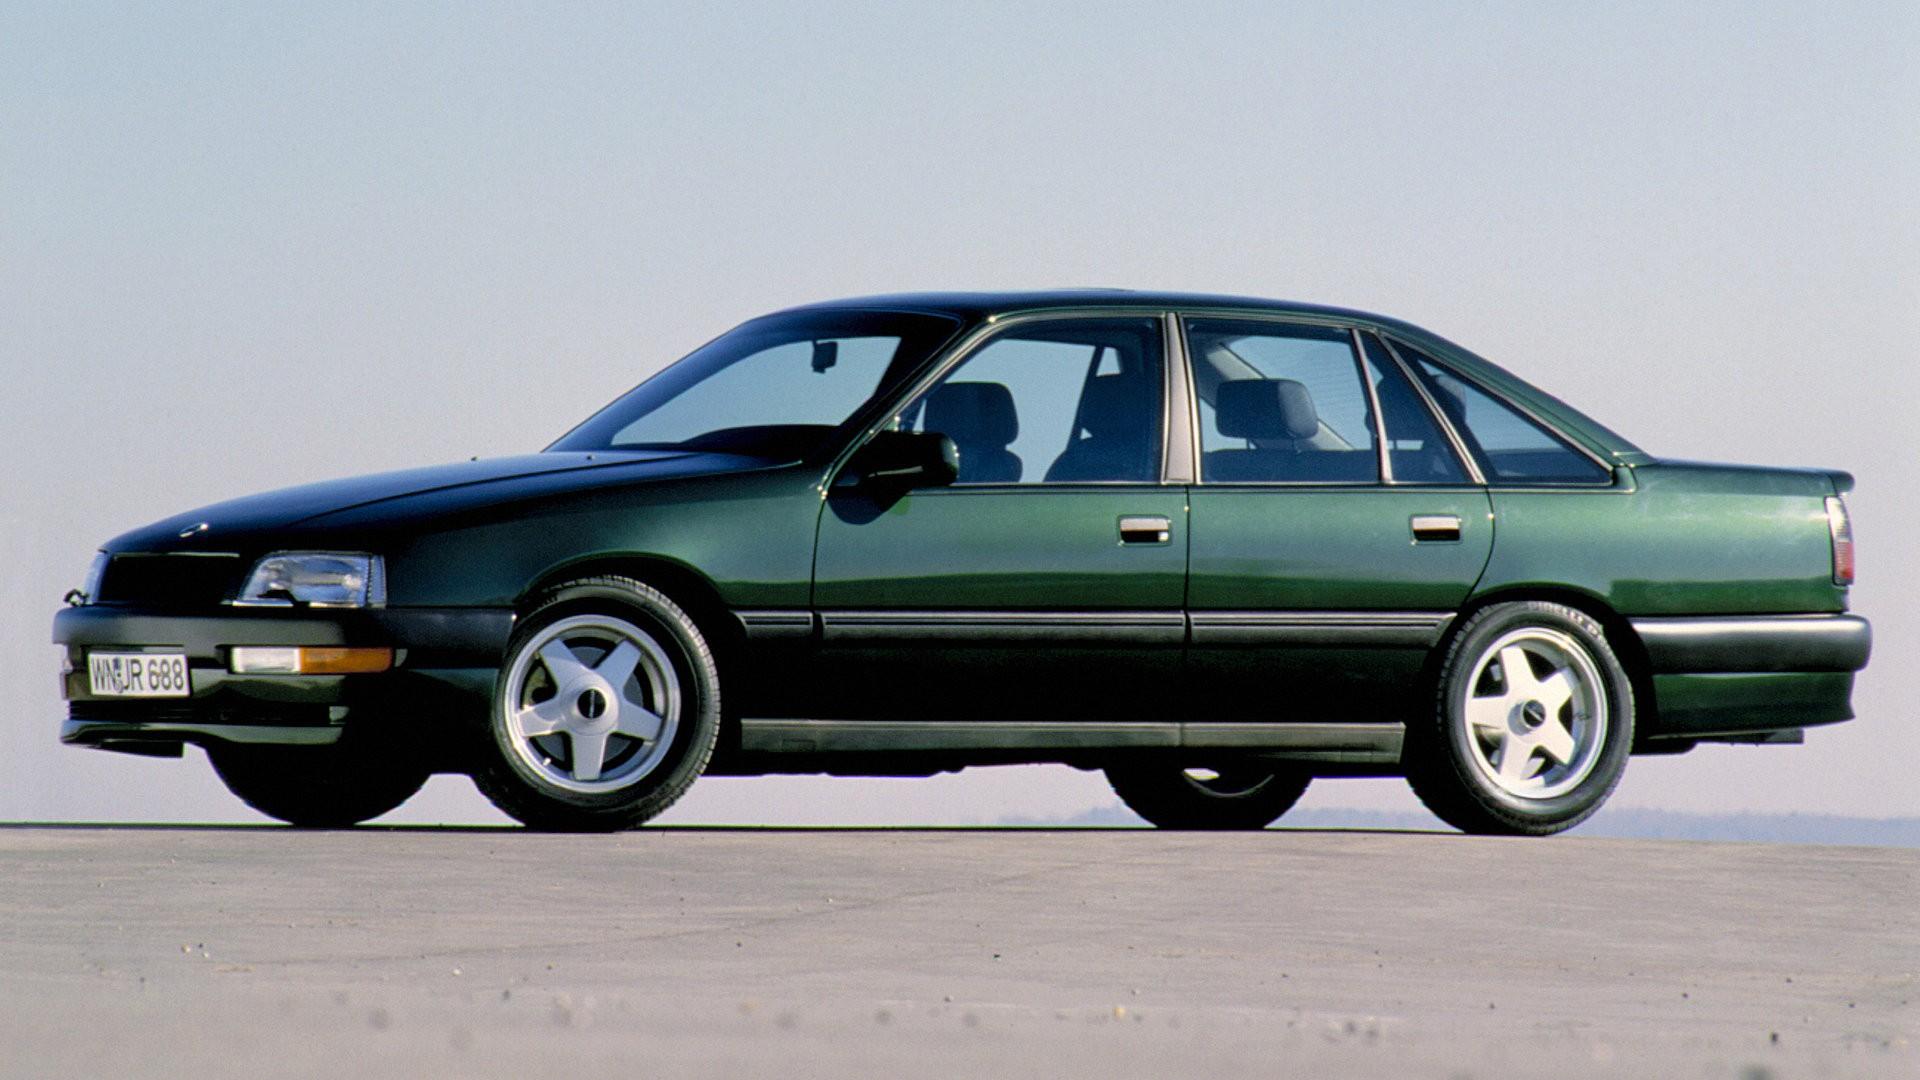 Opel Senator Irmscher 40i 4